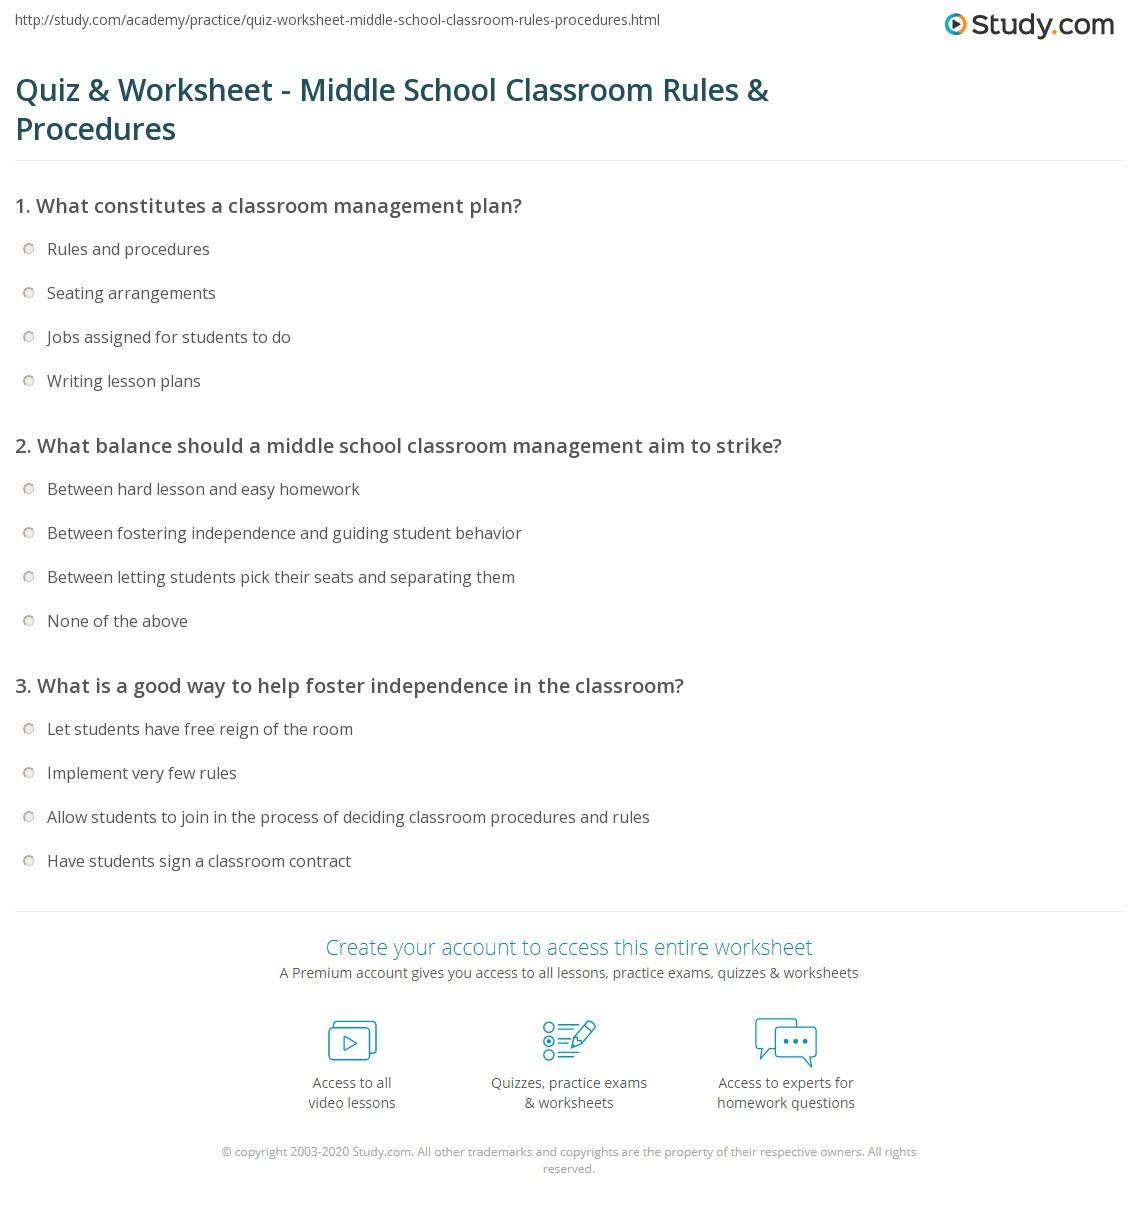 quiz worksheet middle school classroom rules procedures